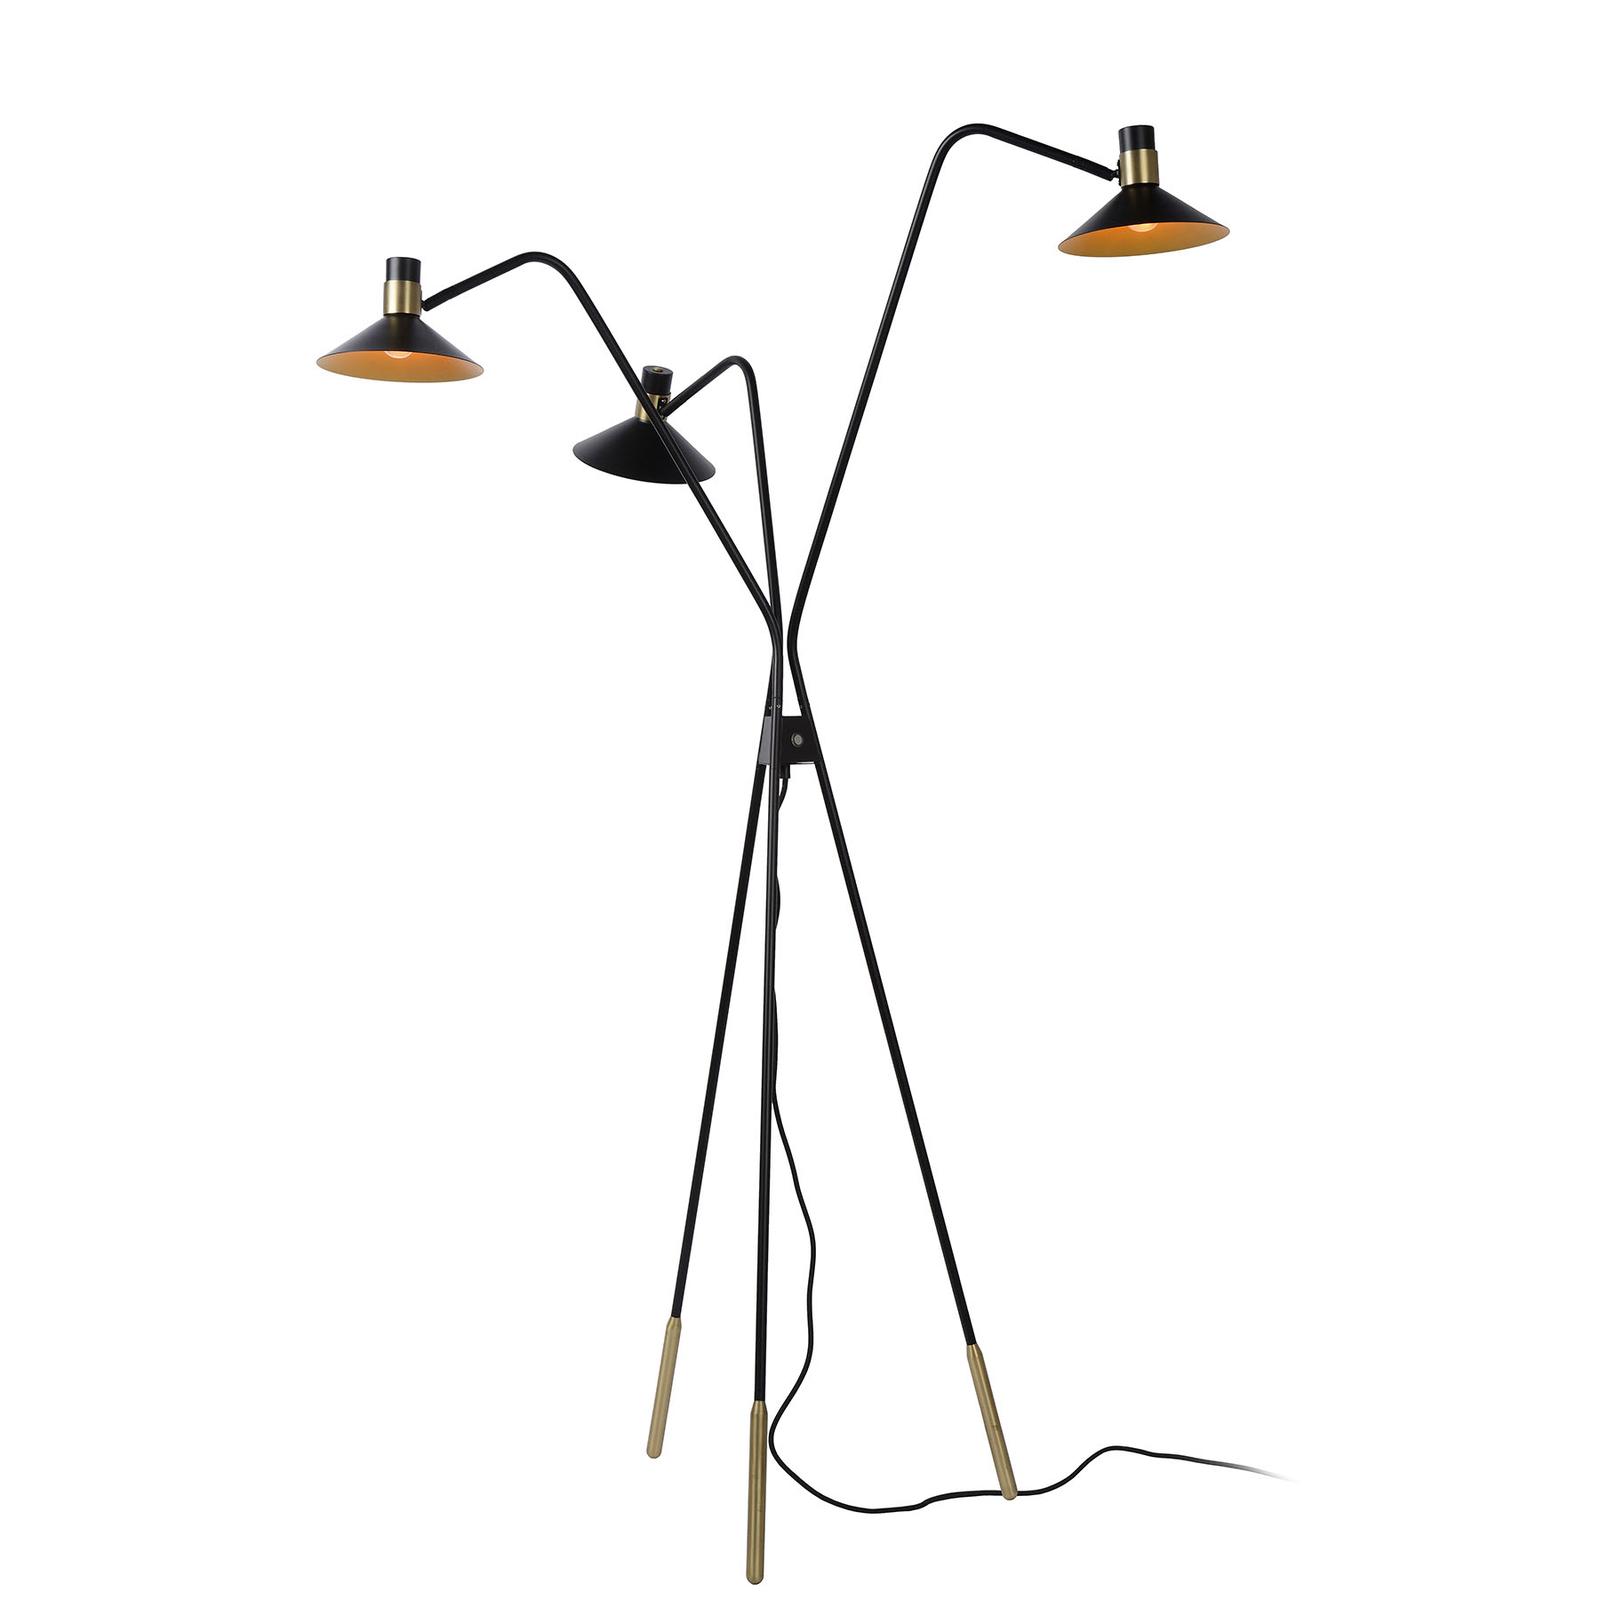 Lampadaire Pepijn en noir et doré, à 3 lampes